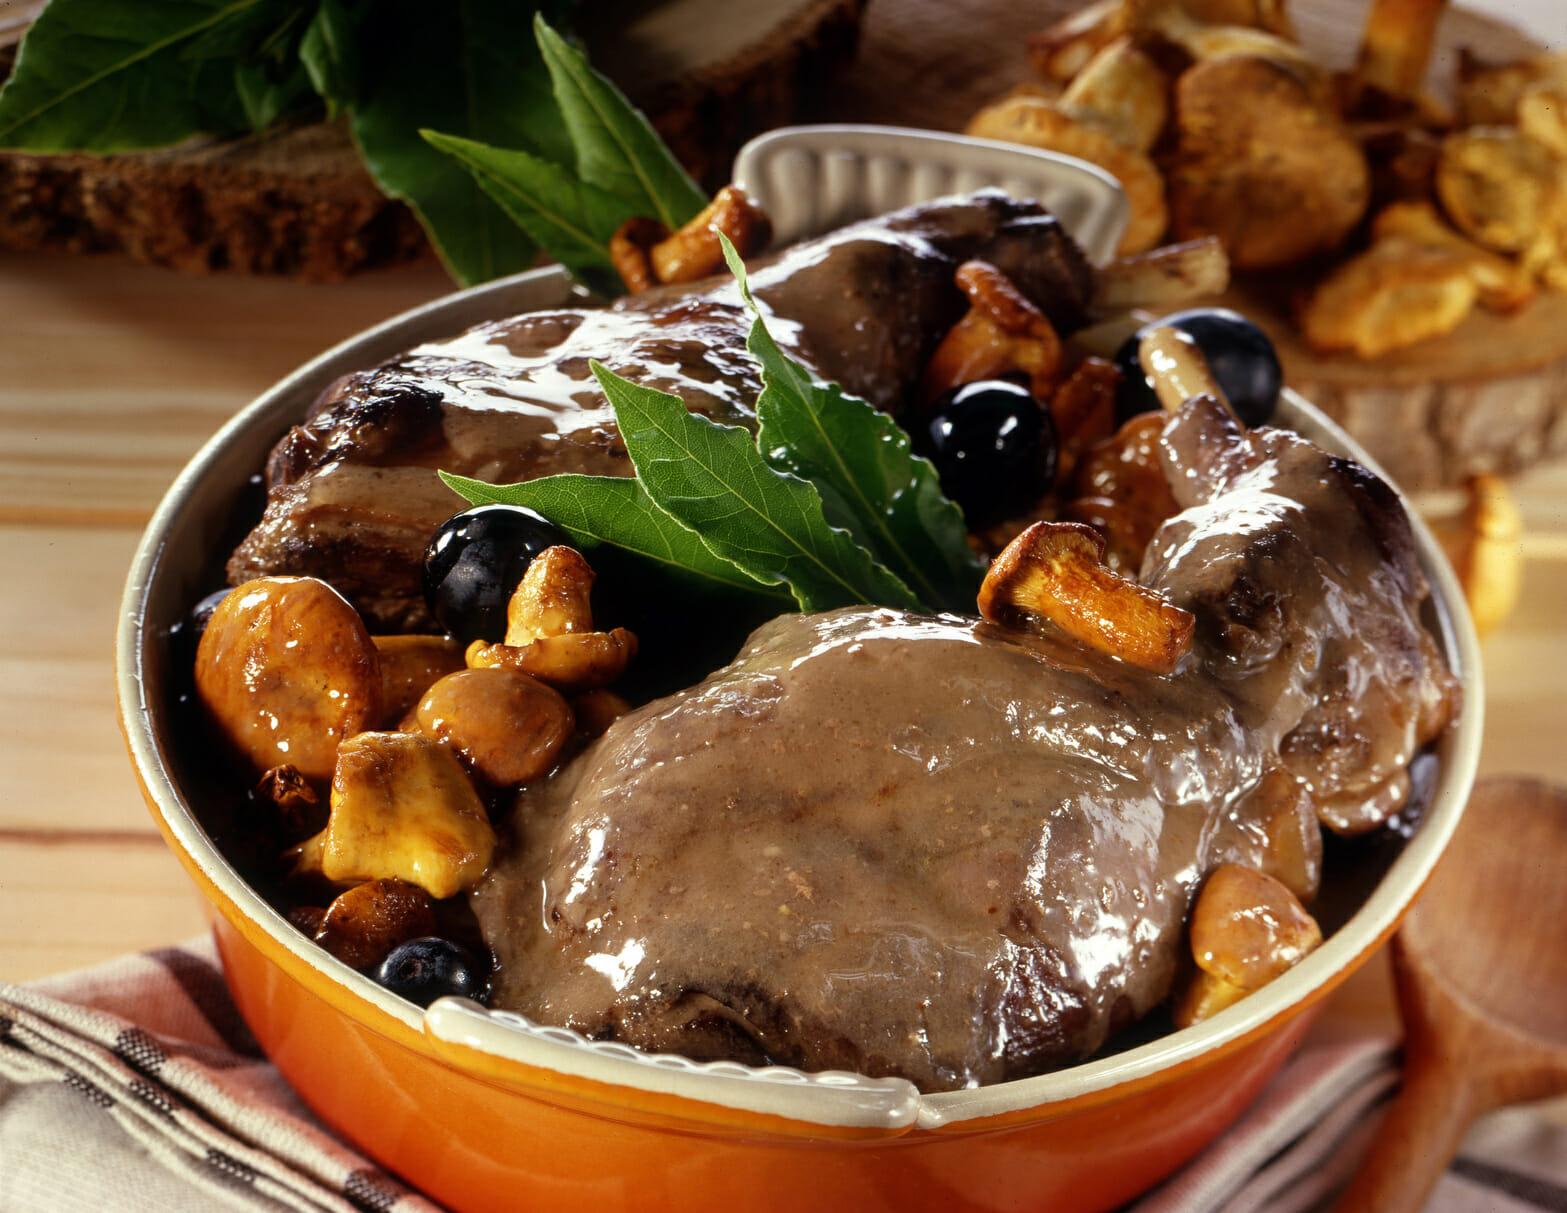 Lapin en civet un grand classique de la cuisine fran aise - Les grands classiques de la cuisine francaise ...